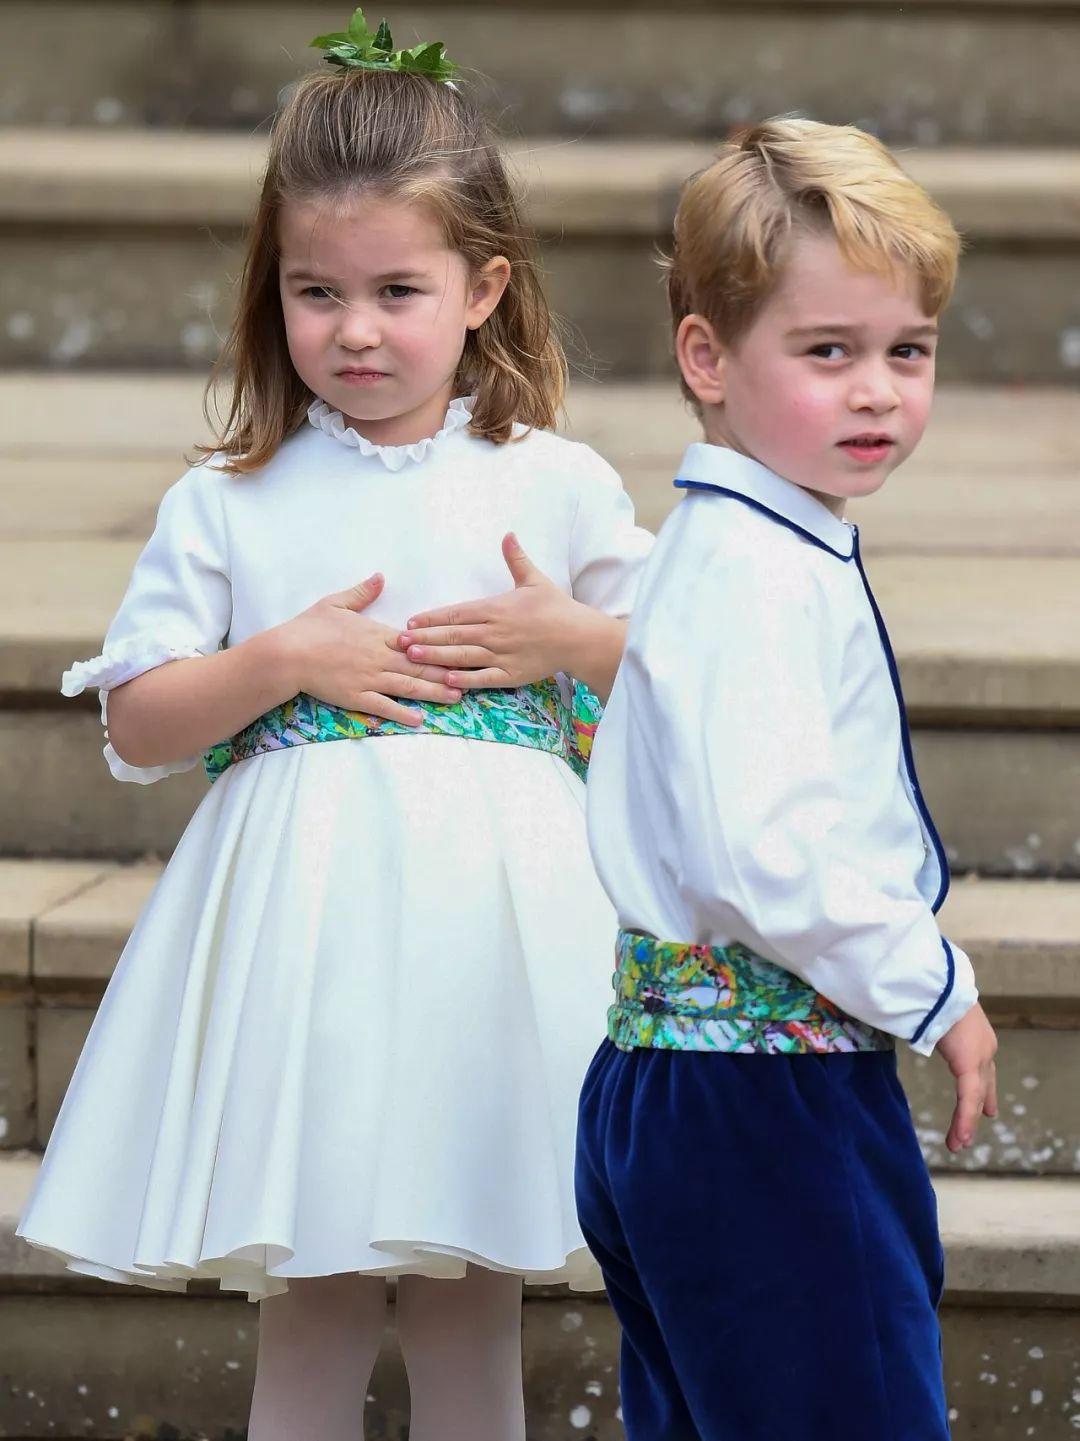 奥巴马在中国的弟弟_乔治小王子学芭蕾萌萌哒,却被美国主持人嘲笑?网友怒了_威廉